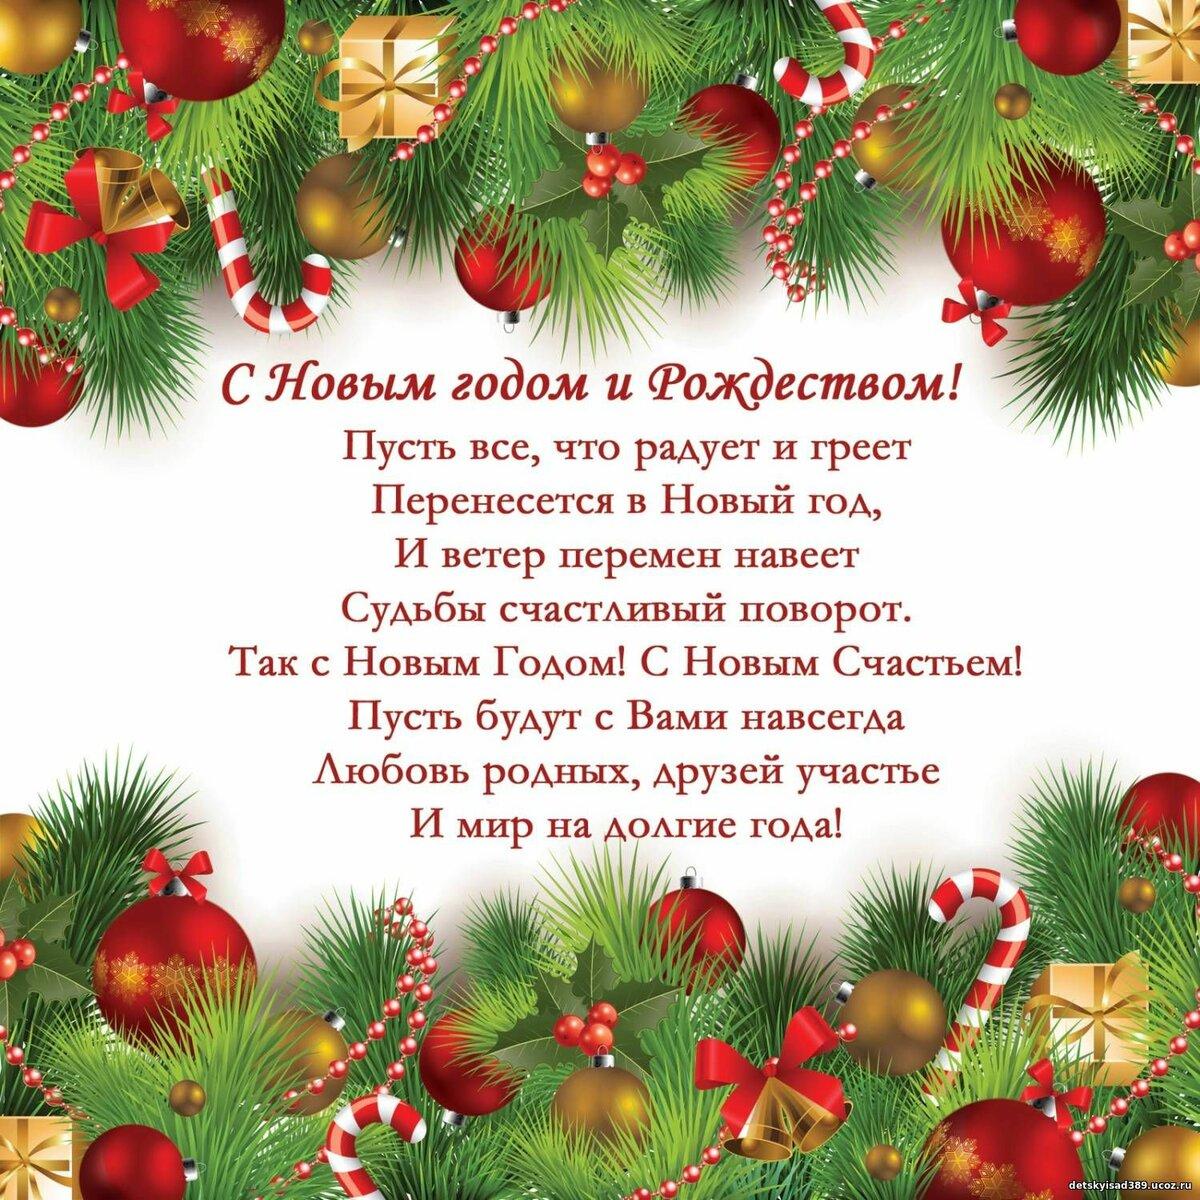 Текст рождественских открыток, картинка